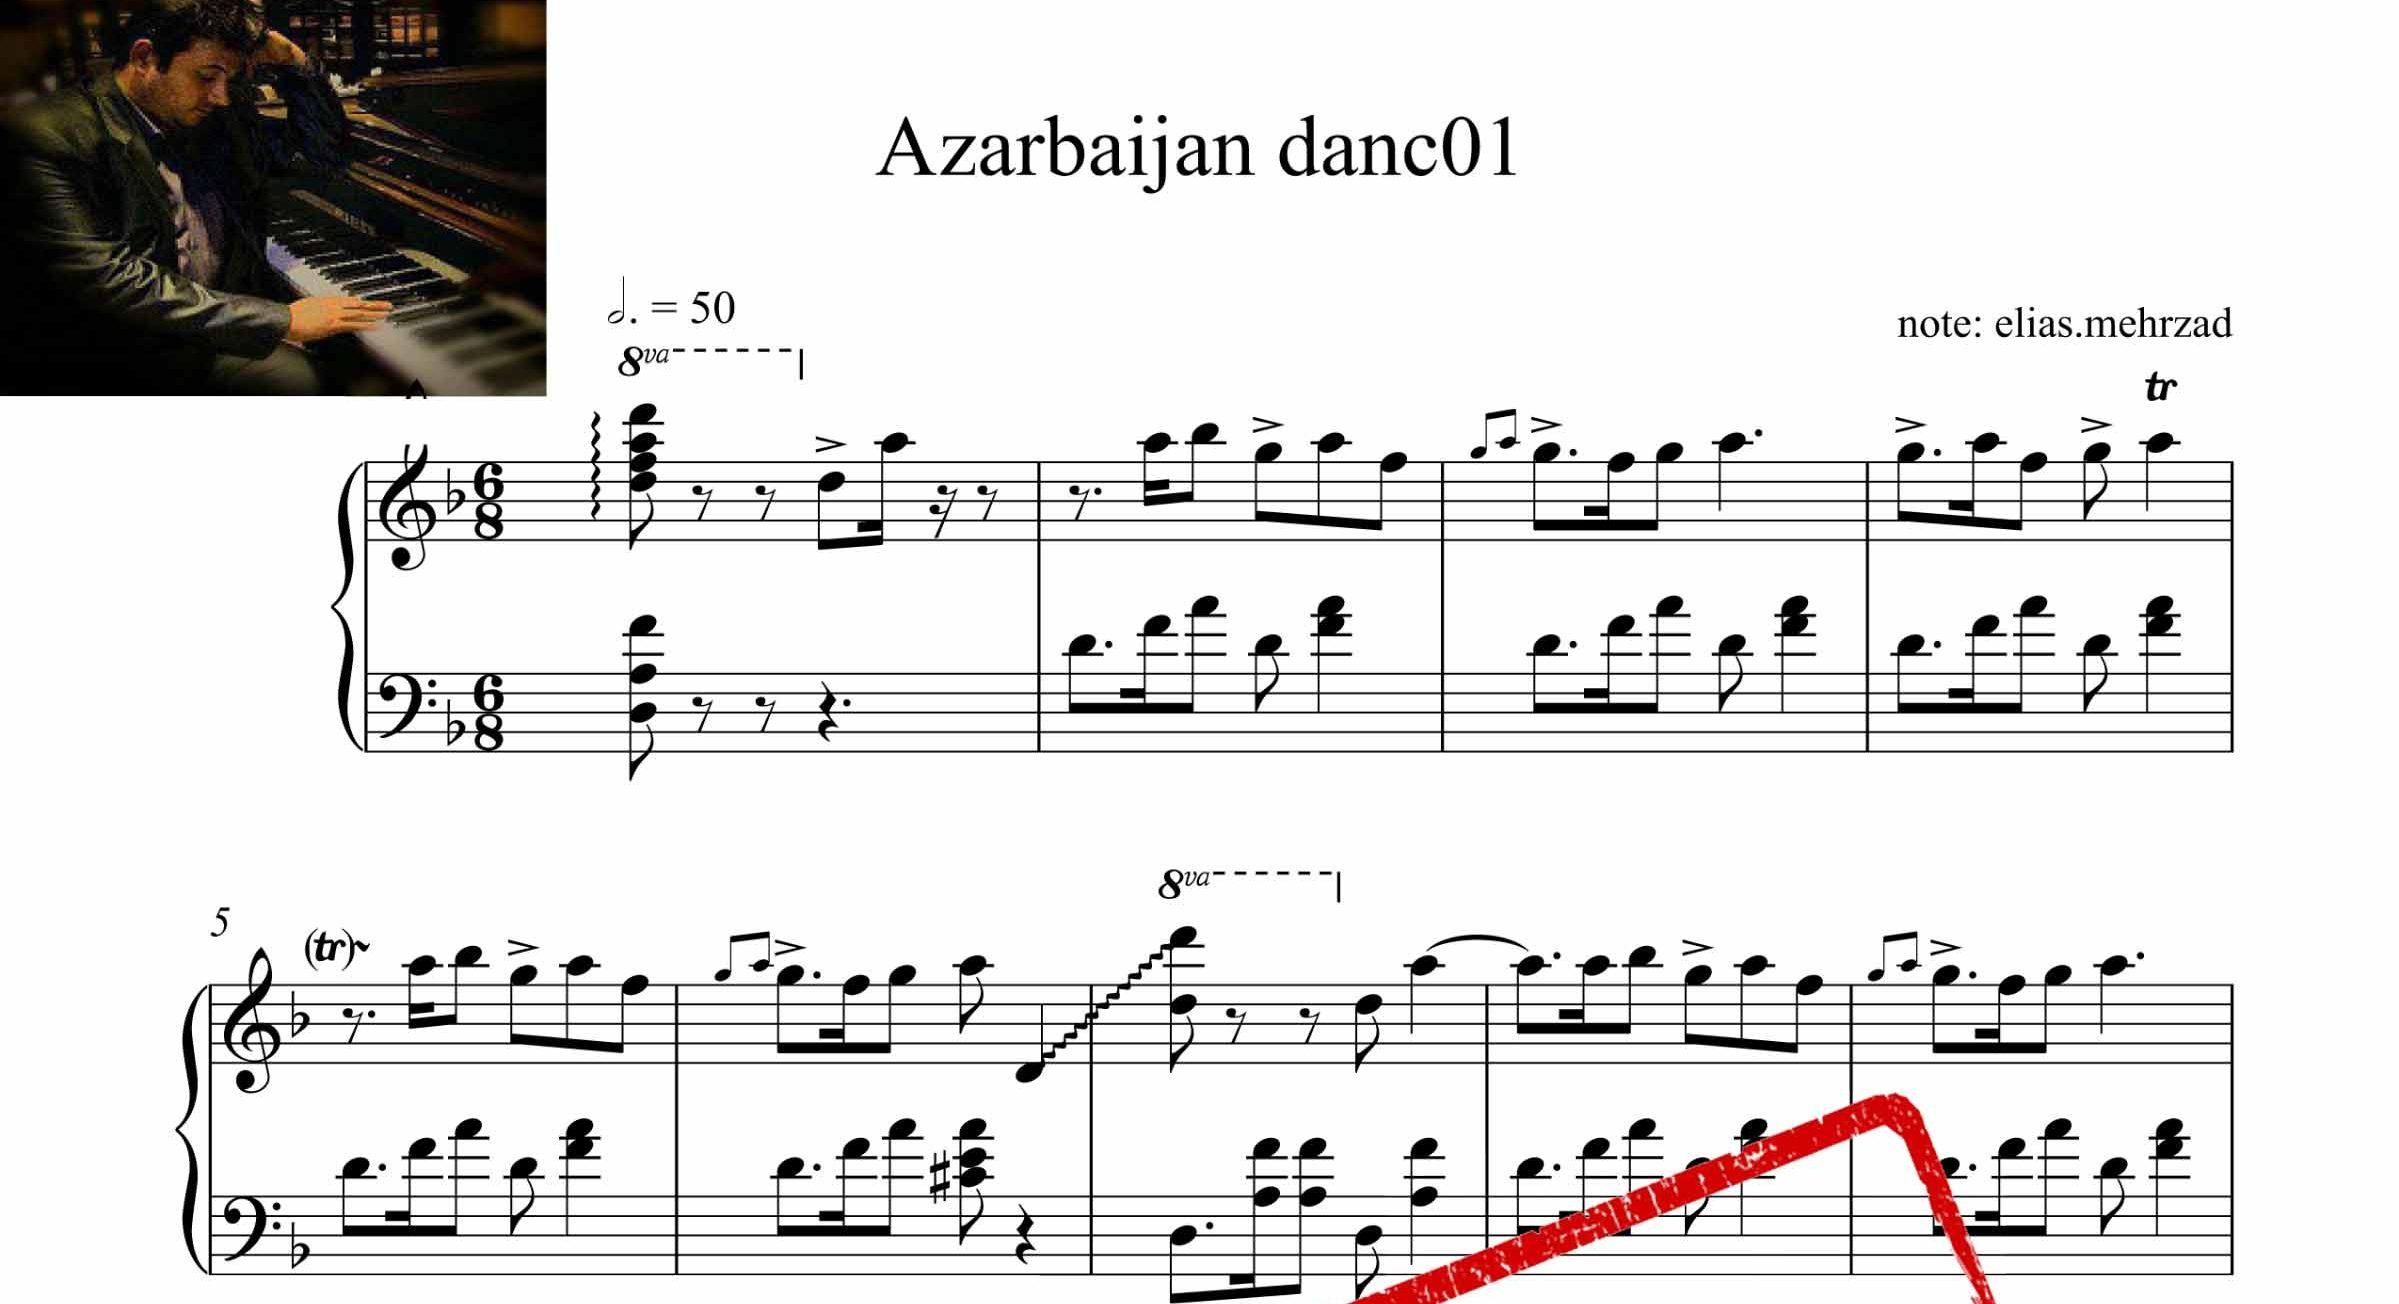 نت پیانوی رقص آذربایجان مشدی عباد